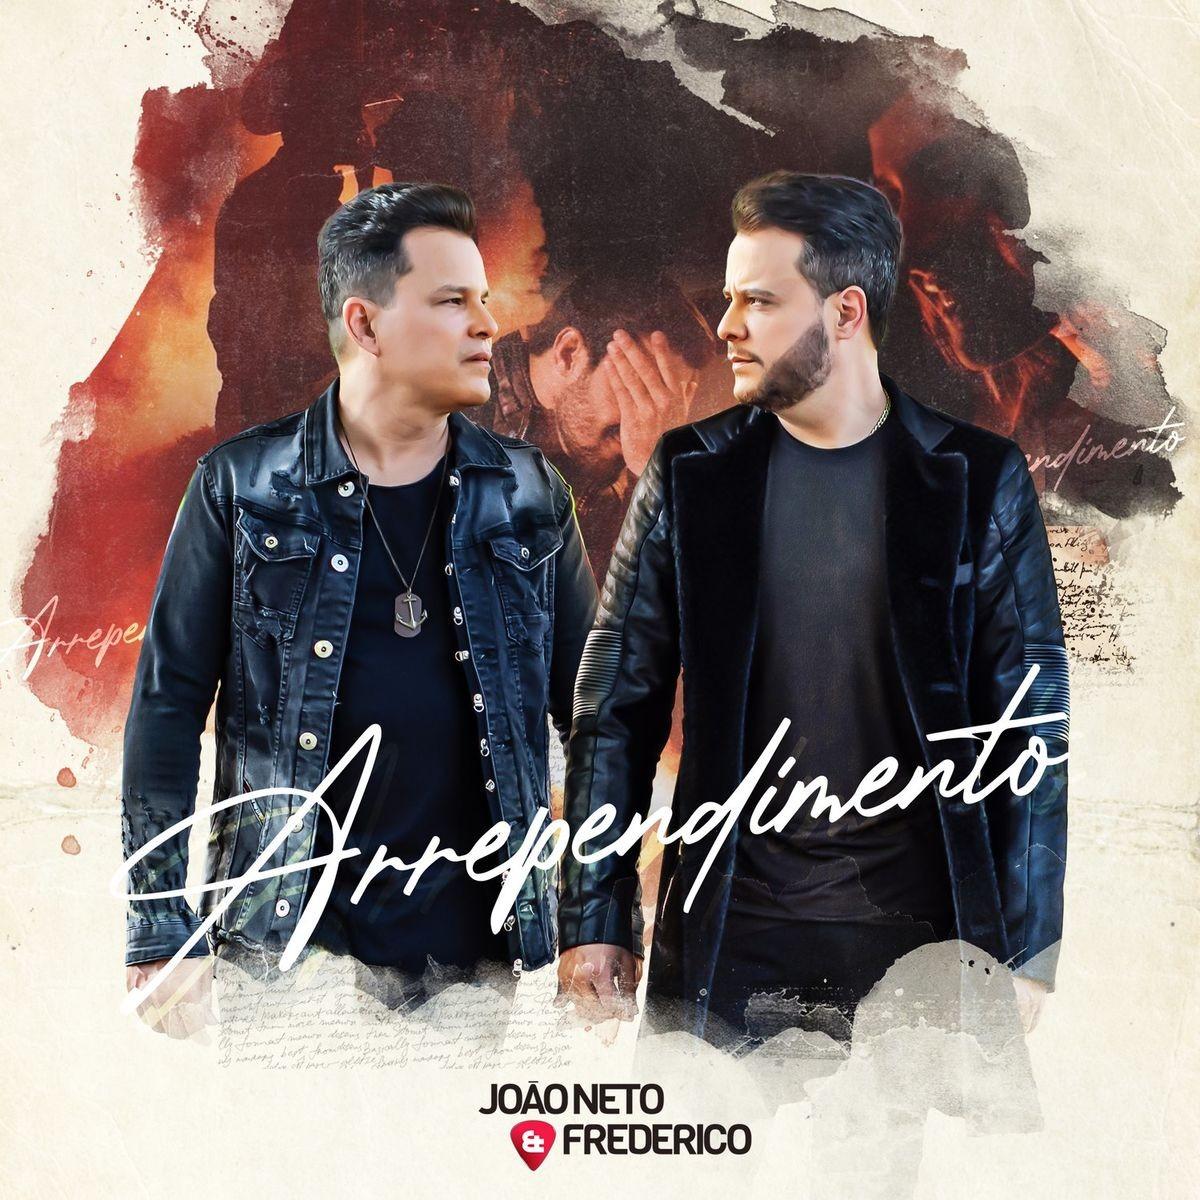 João Neto & Frederico mostram 'Arrependimento' no primeiro single da dupla em 2021